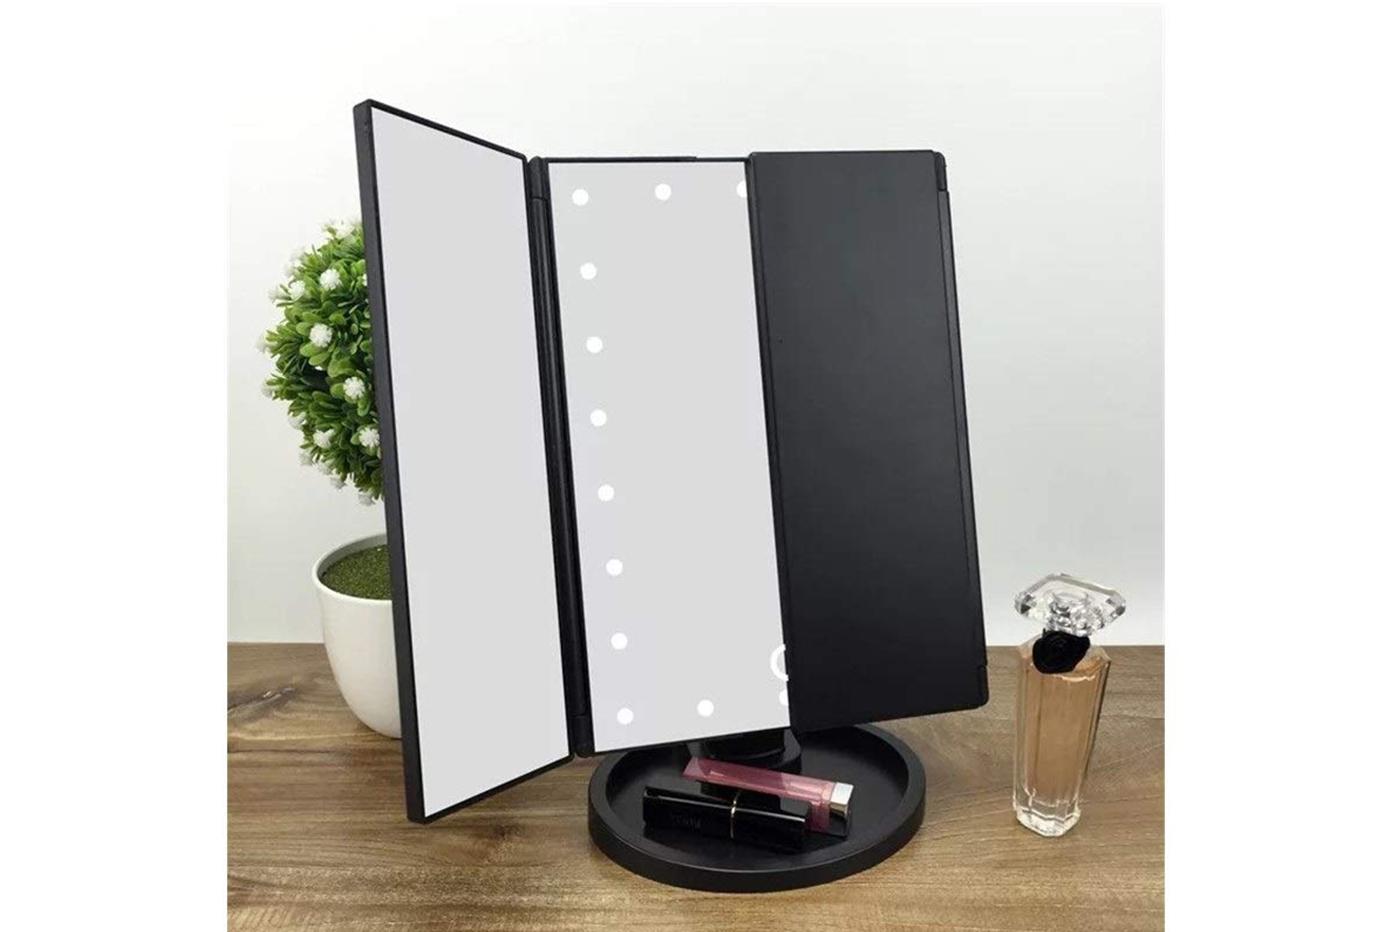 Specchi Con Luci Per Trucco.Specchio Trucco Rettangolare Luce Led Make Up Ingrandimento X2 X3 Rotante Touch